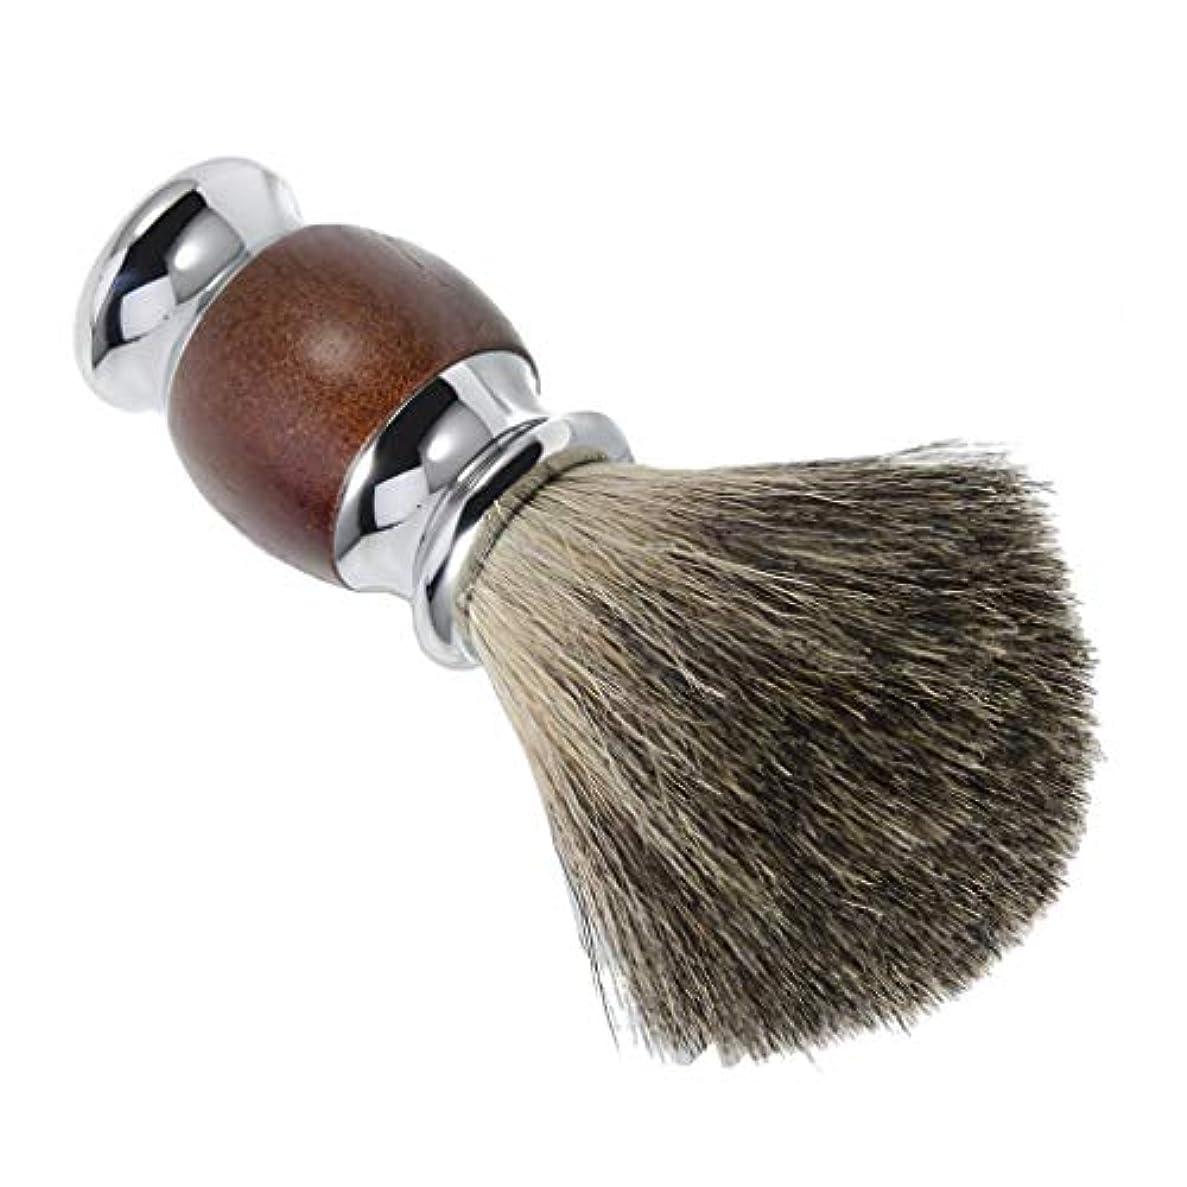 不適切な処方する共産主義P Prettyia シェービング用ブラシ 木製ハンドル メンズ 理容 洗顔 髭剃り 泡立ち 贈り物